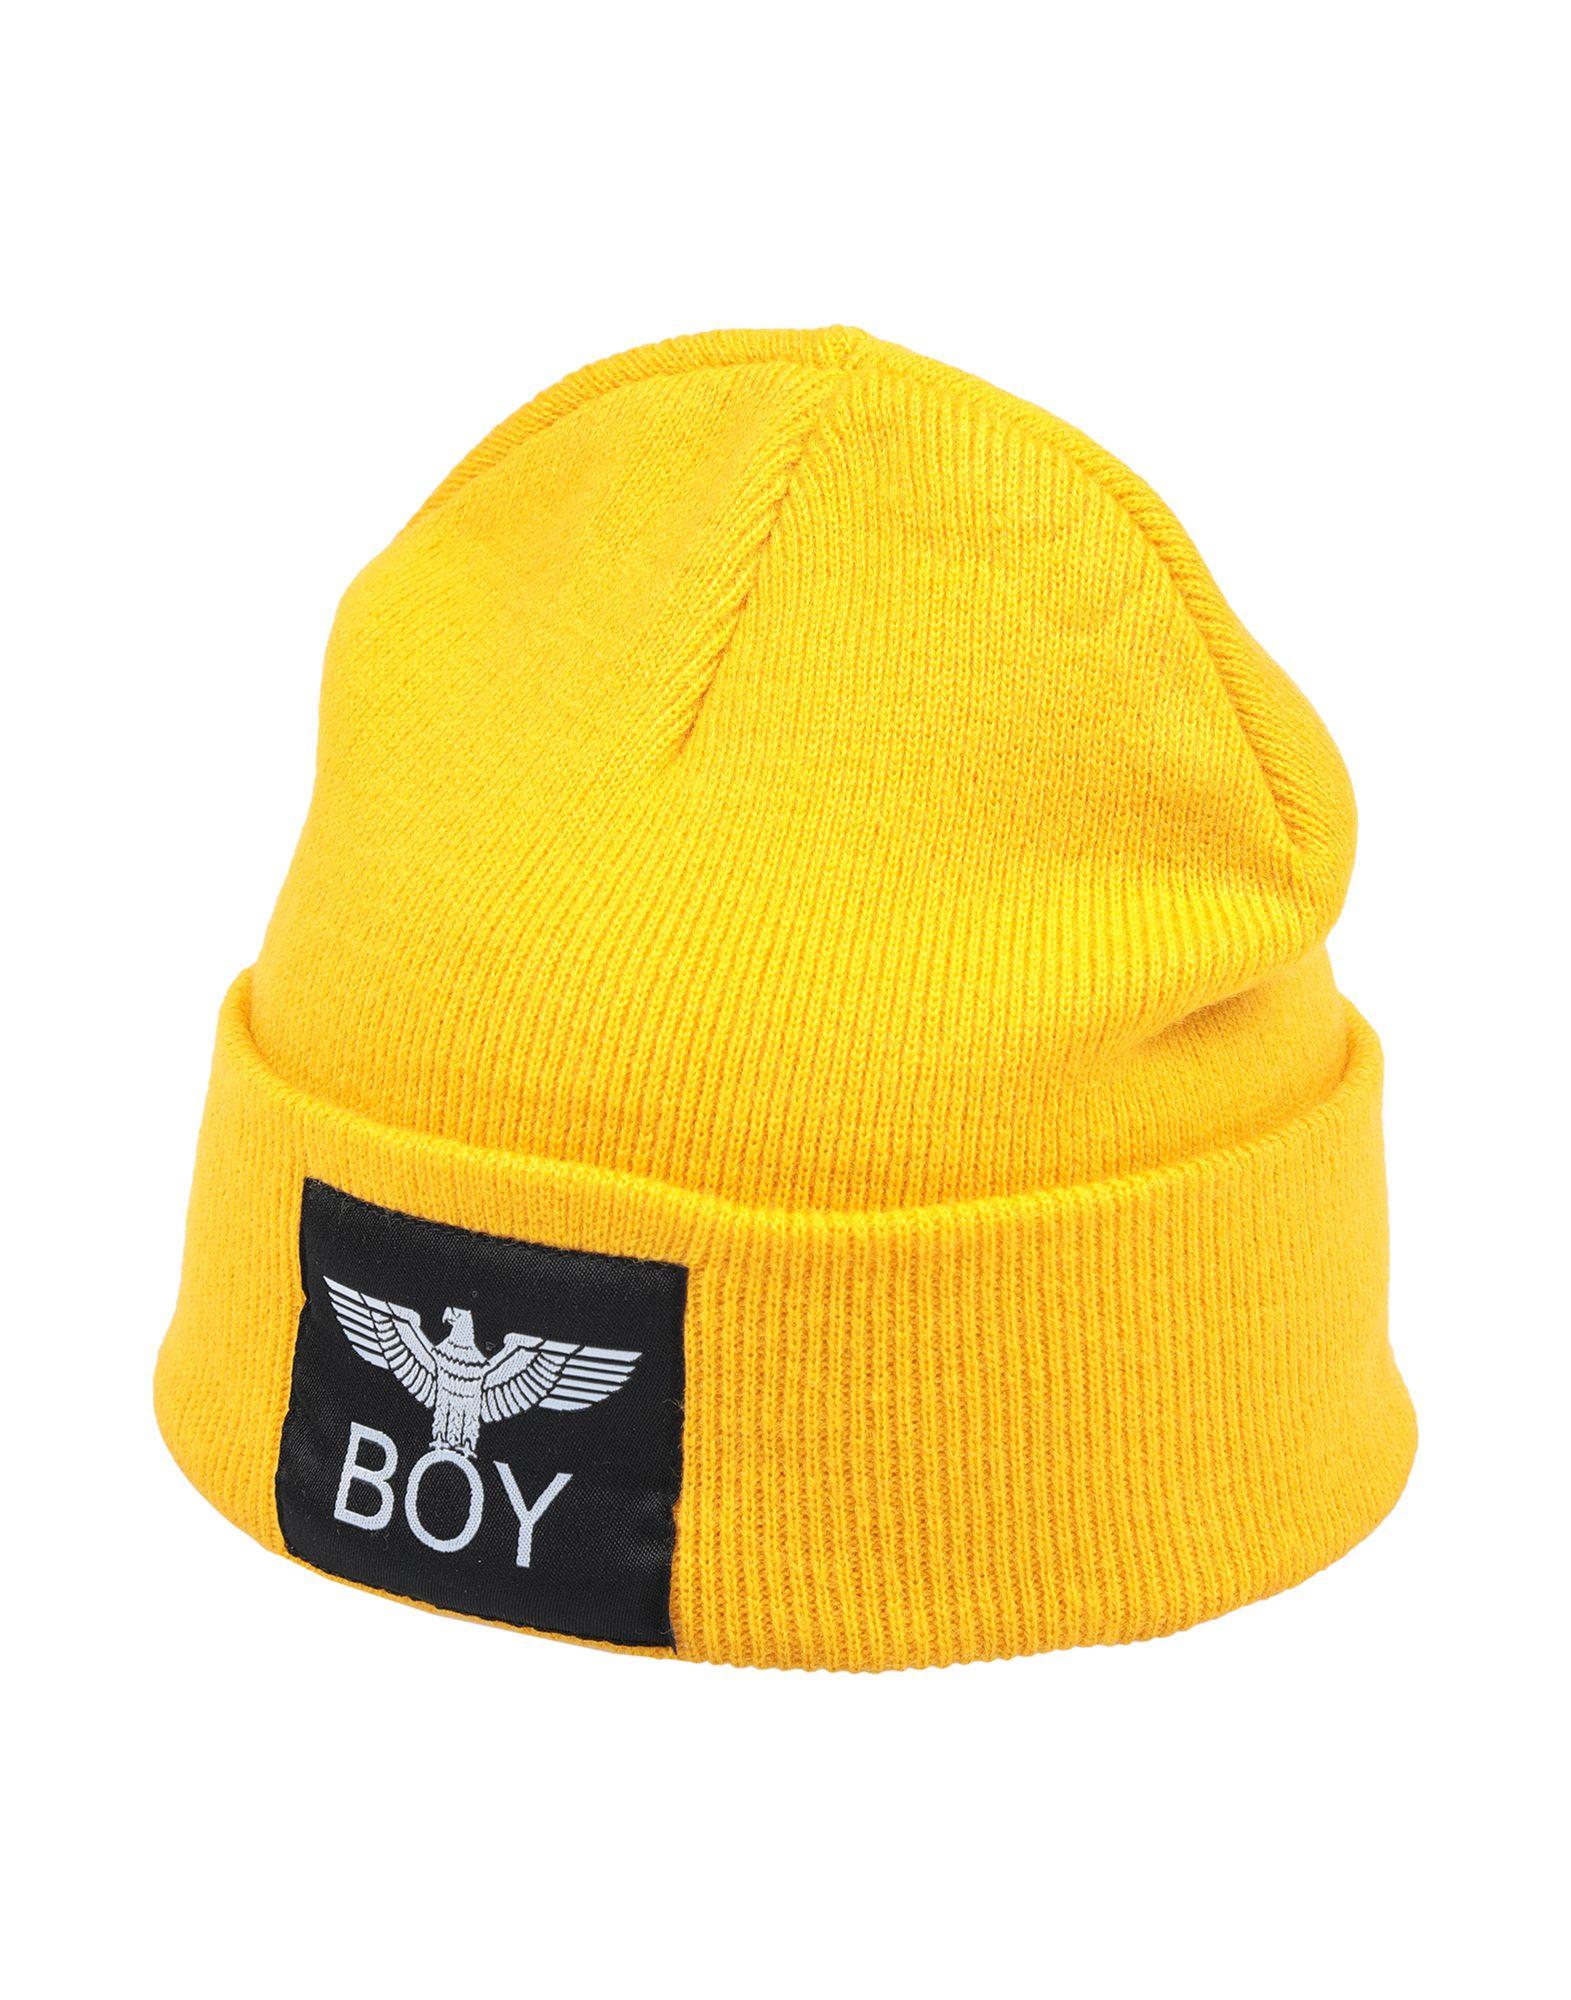 《送料無料》BOY LONDON レディース 帽子 イエロー one size アクリル 100%